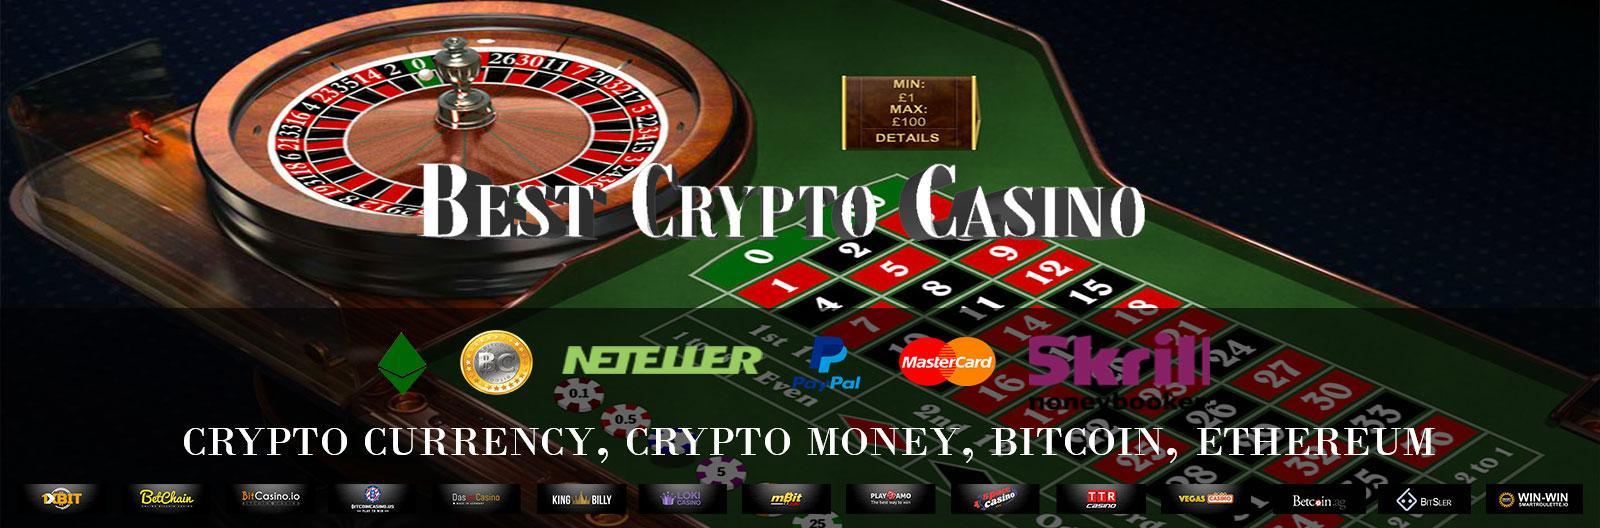 Pelaa Bitcoin-pelikoneita netissä ja voita oikeaa rahaa.